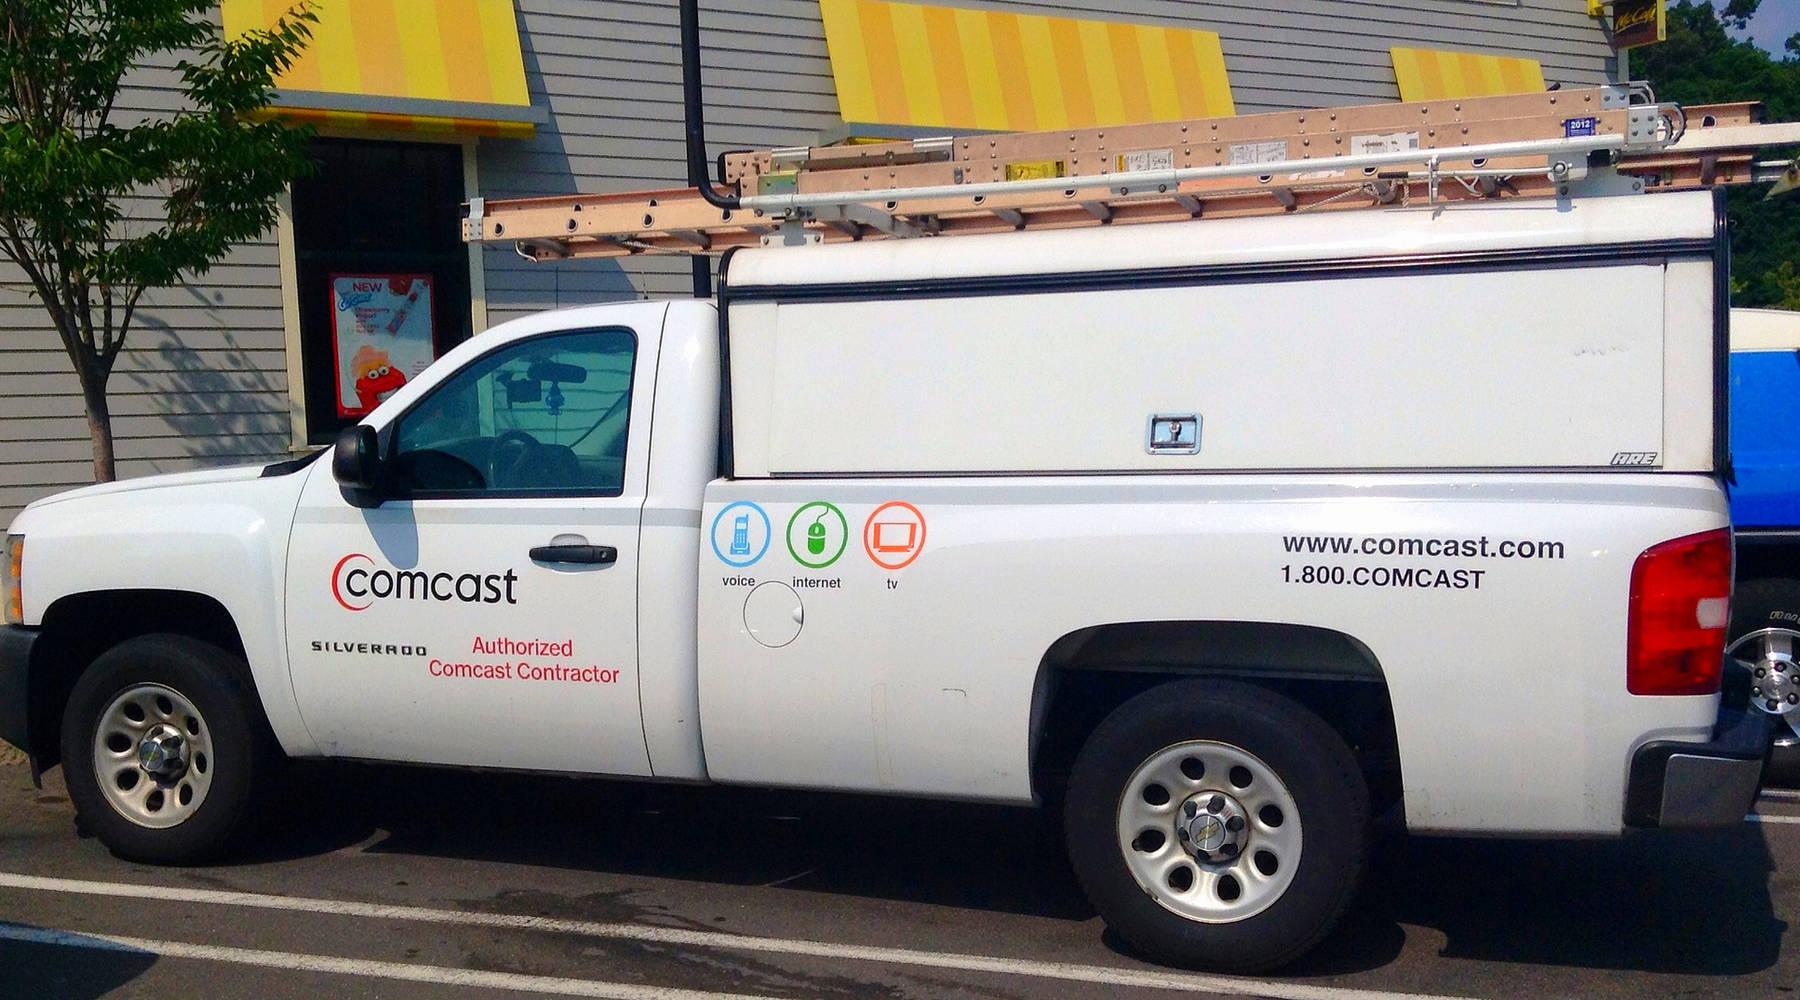 Comcast expands low-income internet program - Marketplace